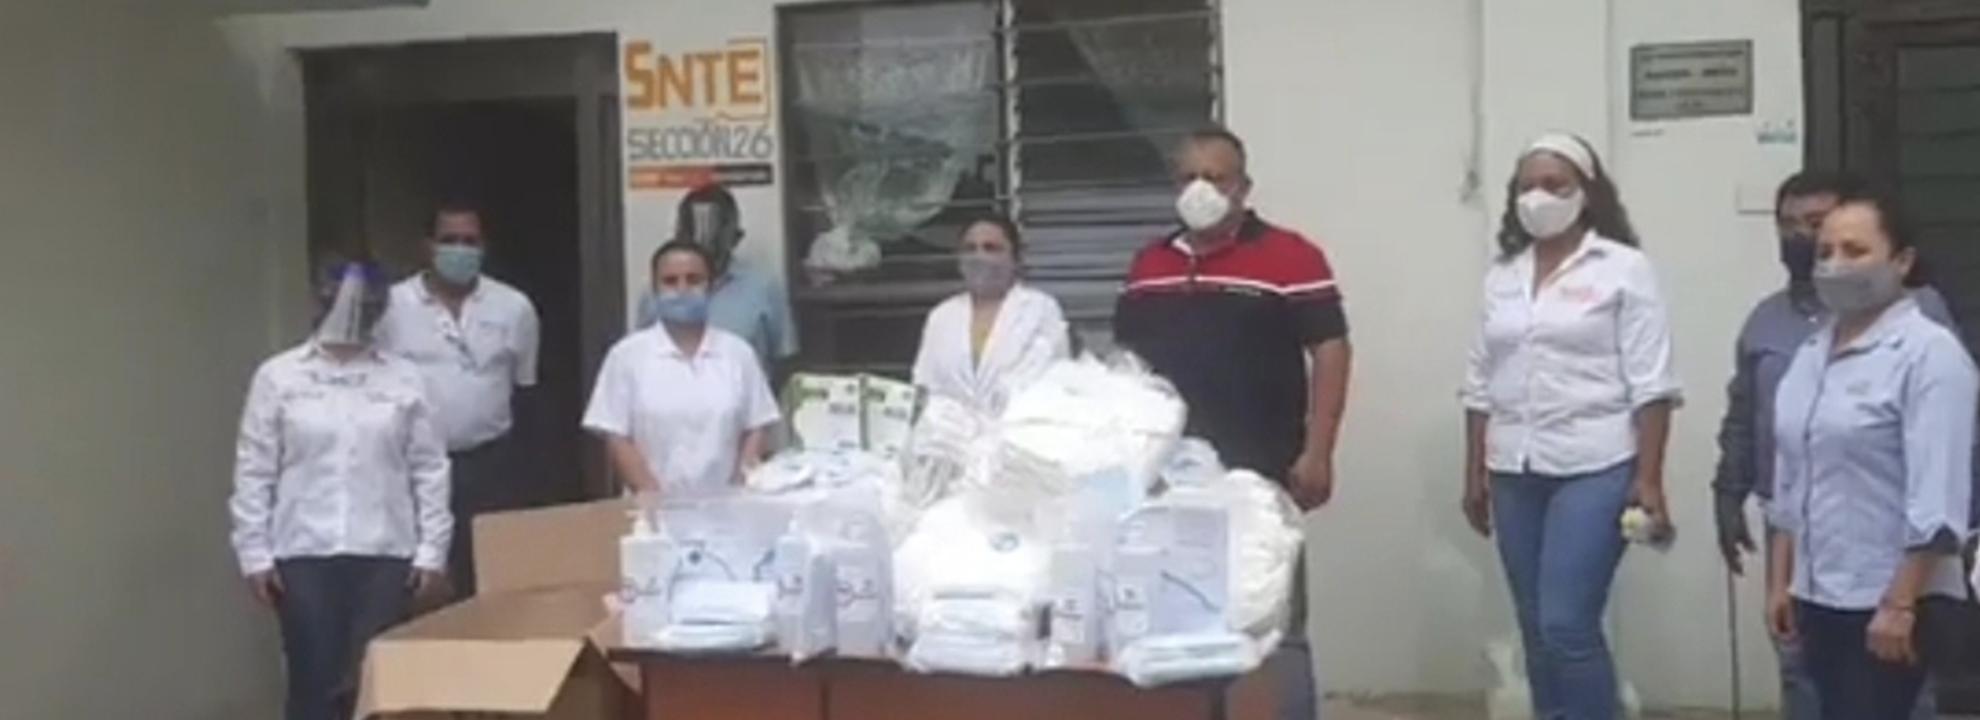 Profesor Alejo Rivera Ávila entrega materiales de protección sanitaria a personal de salud de Tamazunchale, S.L.P.